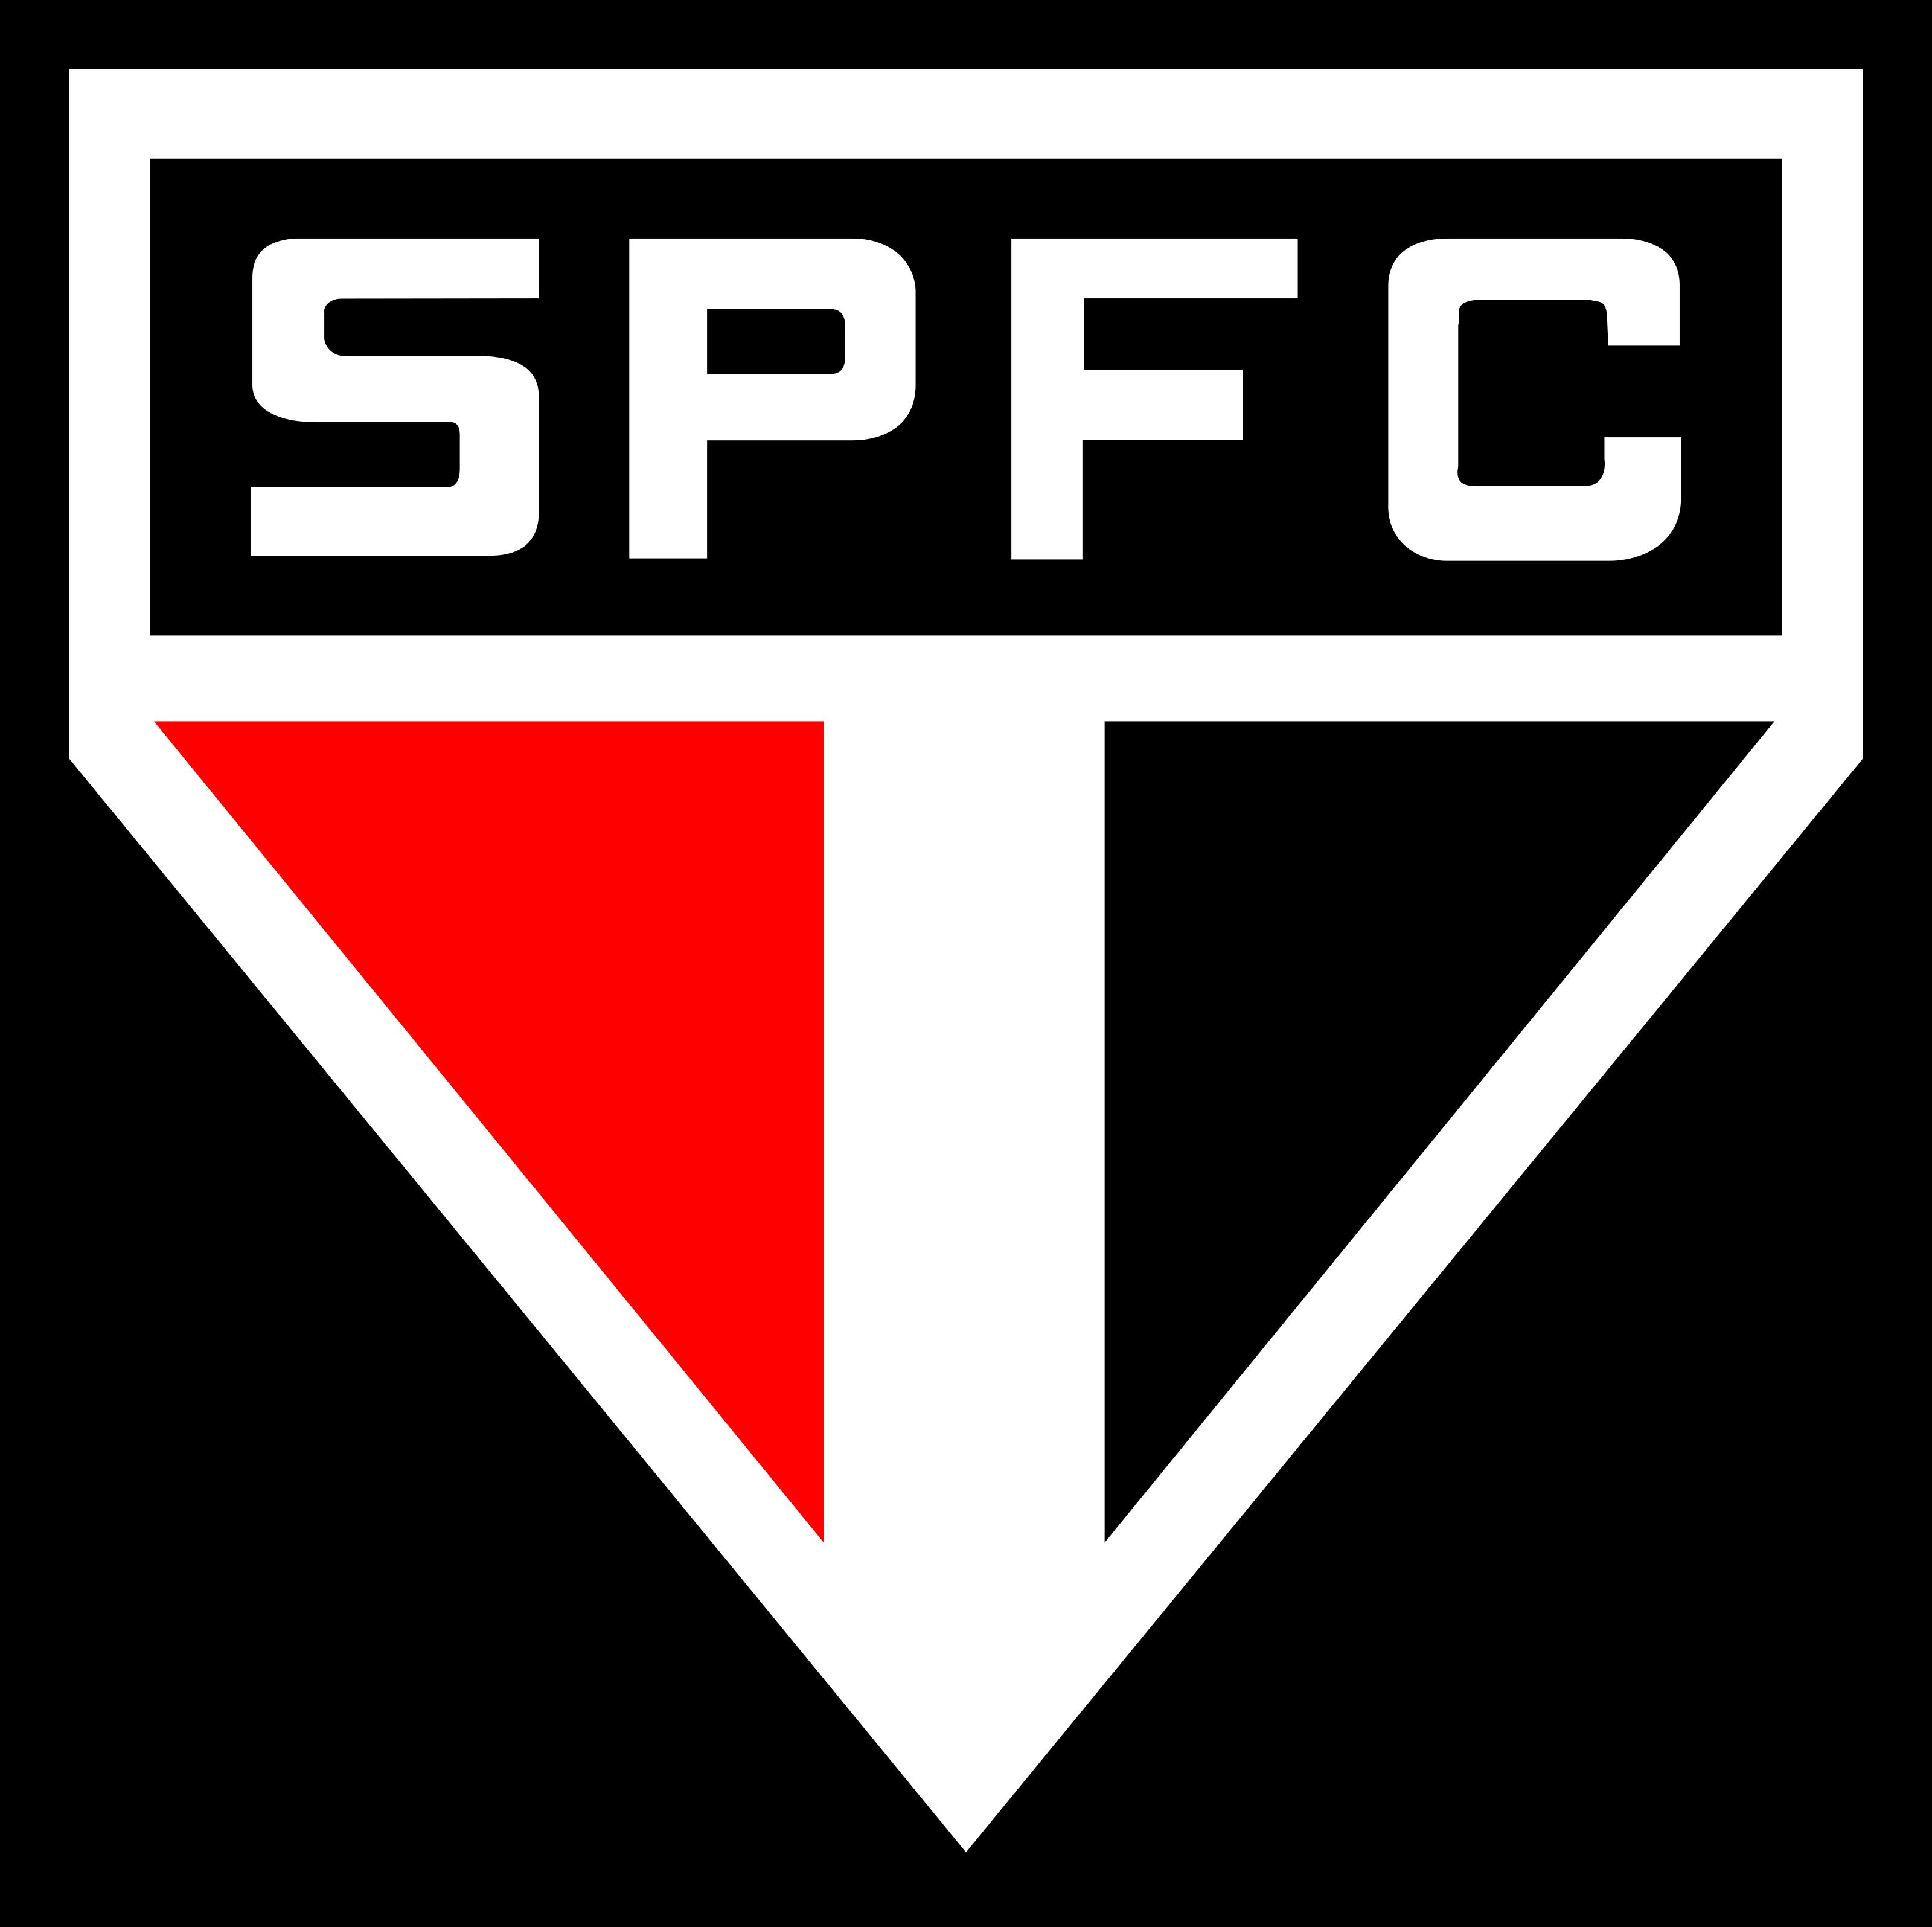 sao paulo logo escudo 1 - São Paulo FC Logo